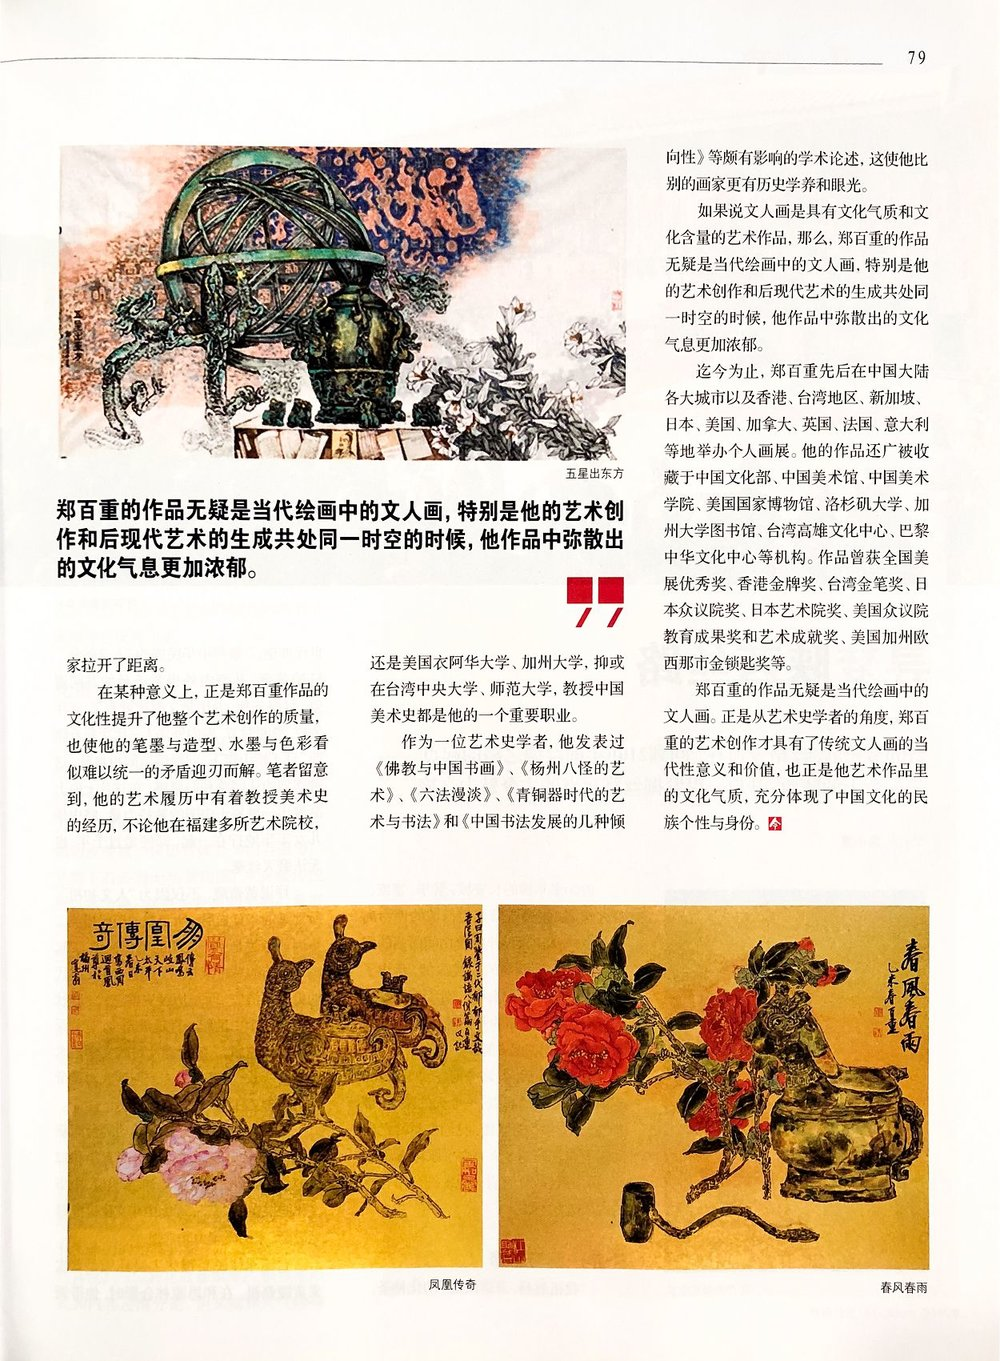 4-6_今日中國_No.64.jpg